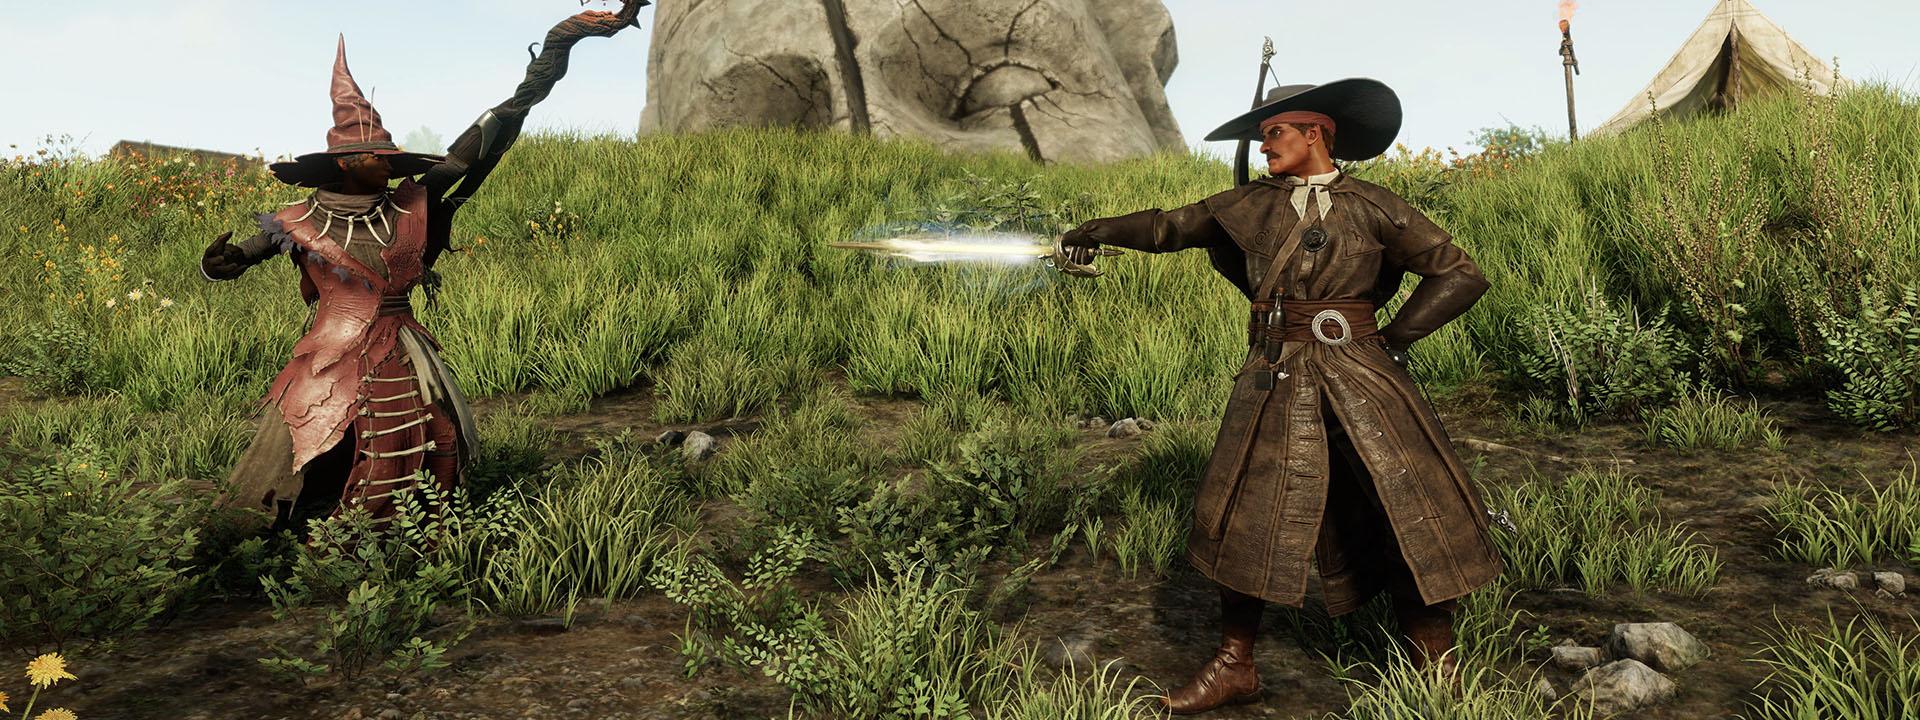 Ein Mann in einem langen Ledermantel in Duellstellung. Eine Hand hält er hinter dem Rücken und in der anderen hat er ein Rapier auf einen Gegner gerichtet.